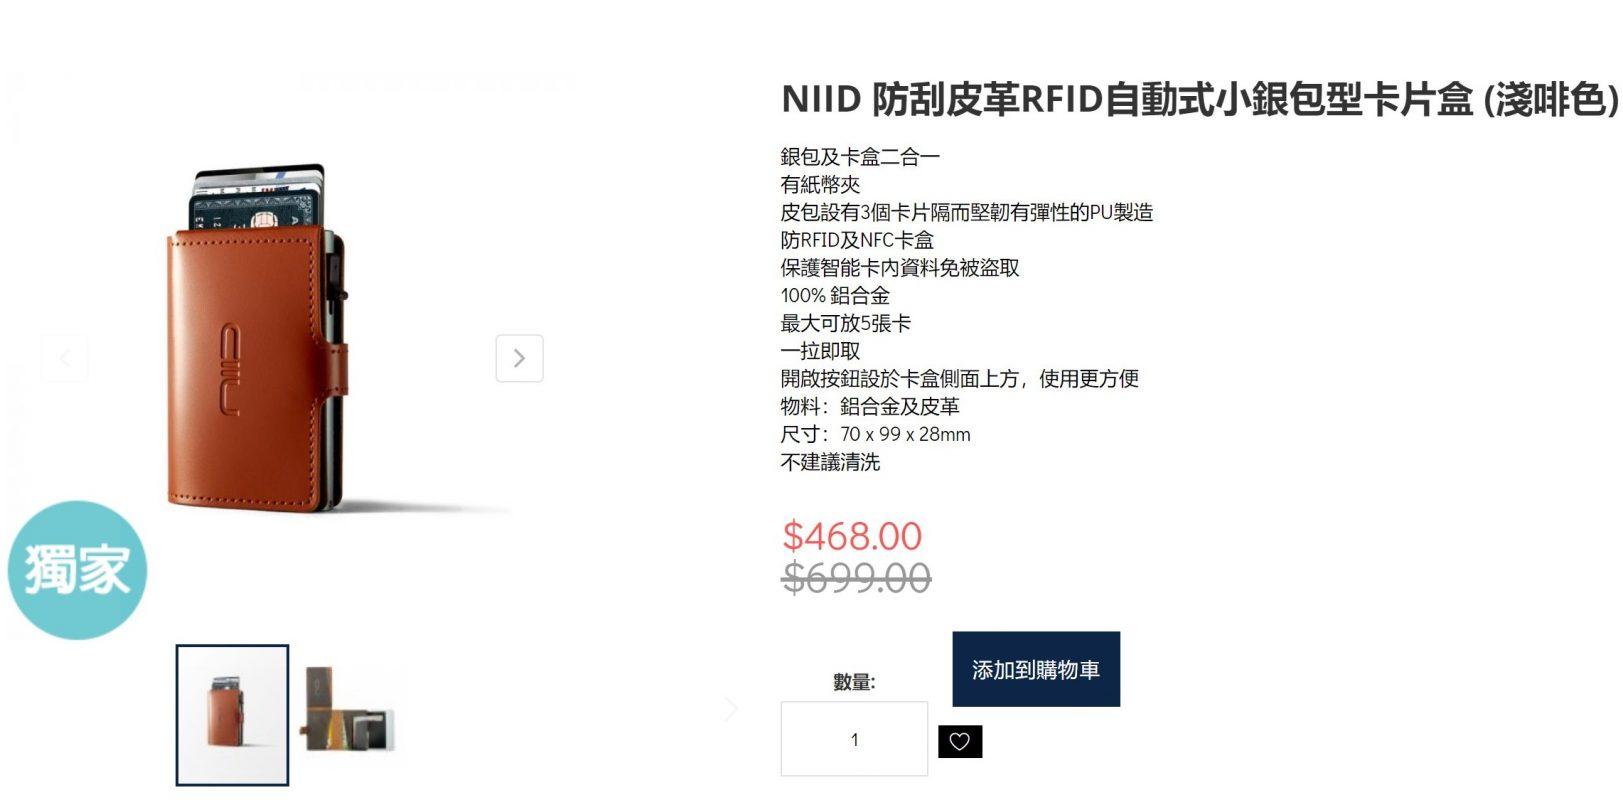 NIID RFID